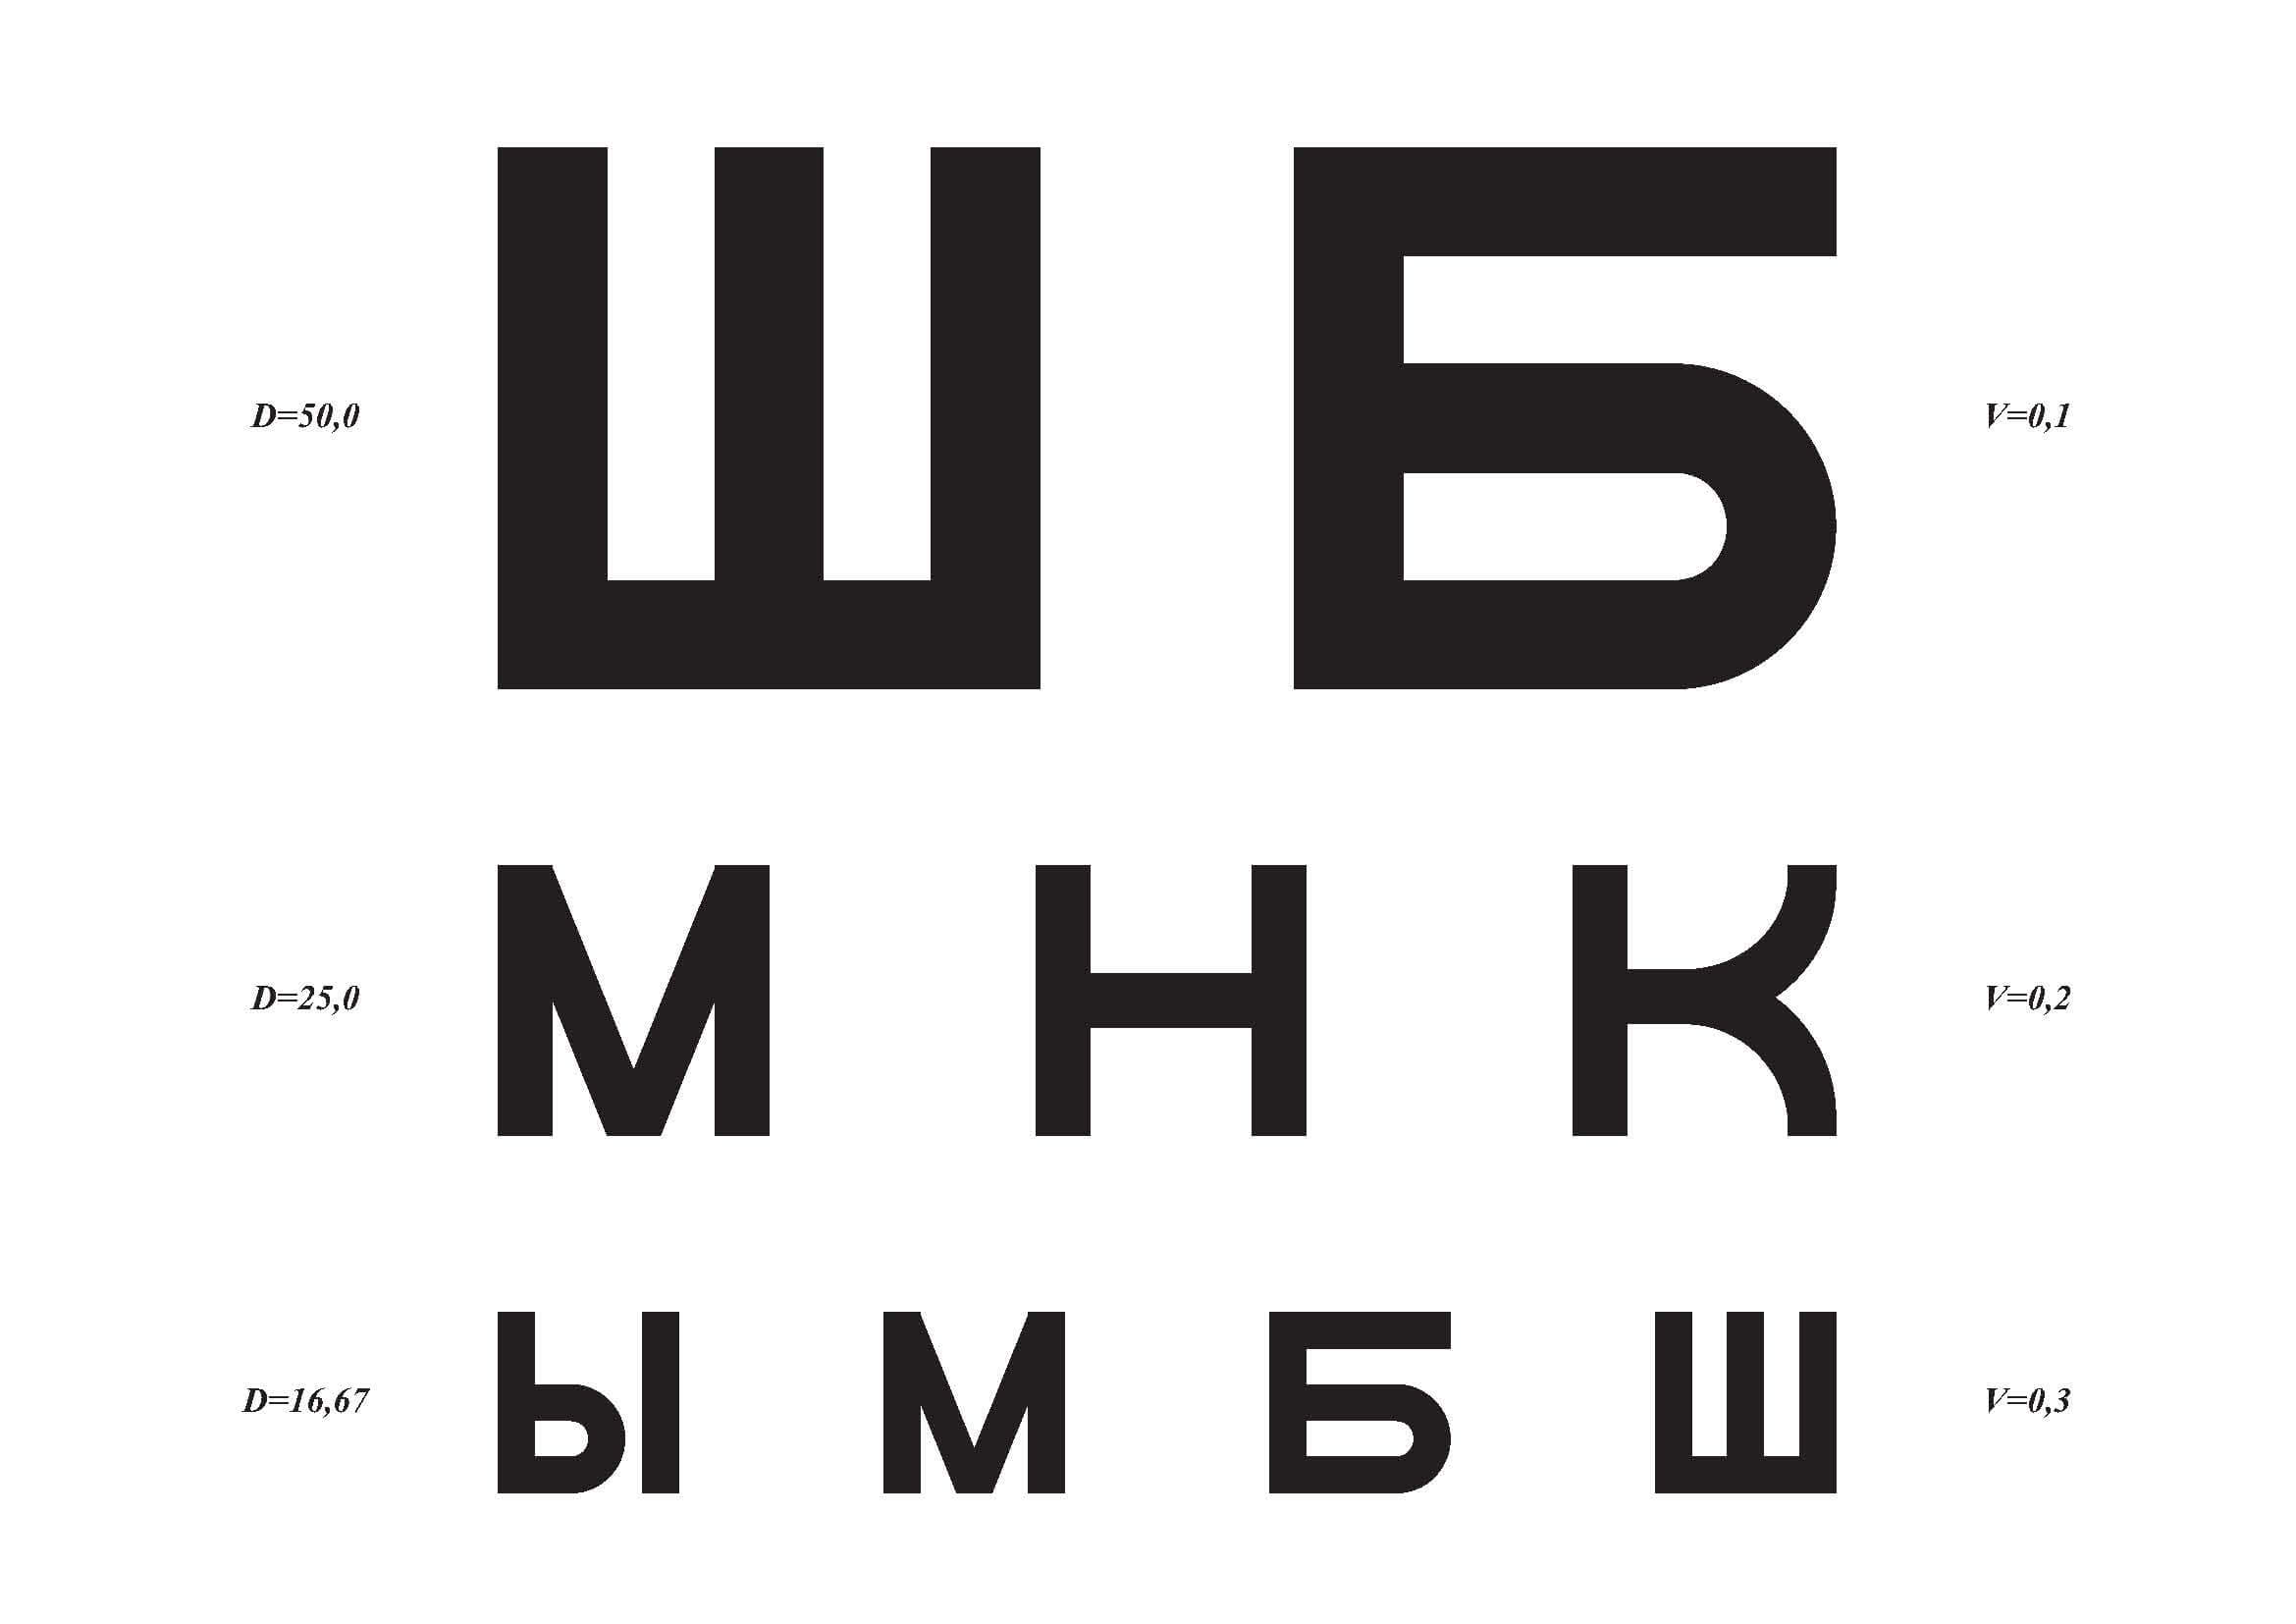 látássérülés esetén mit kell tenni a látás elvesztése érdekében